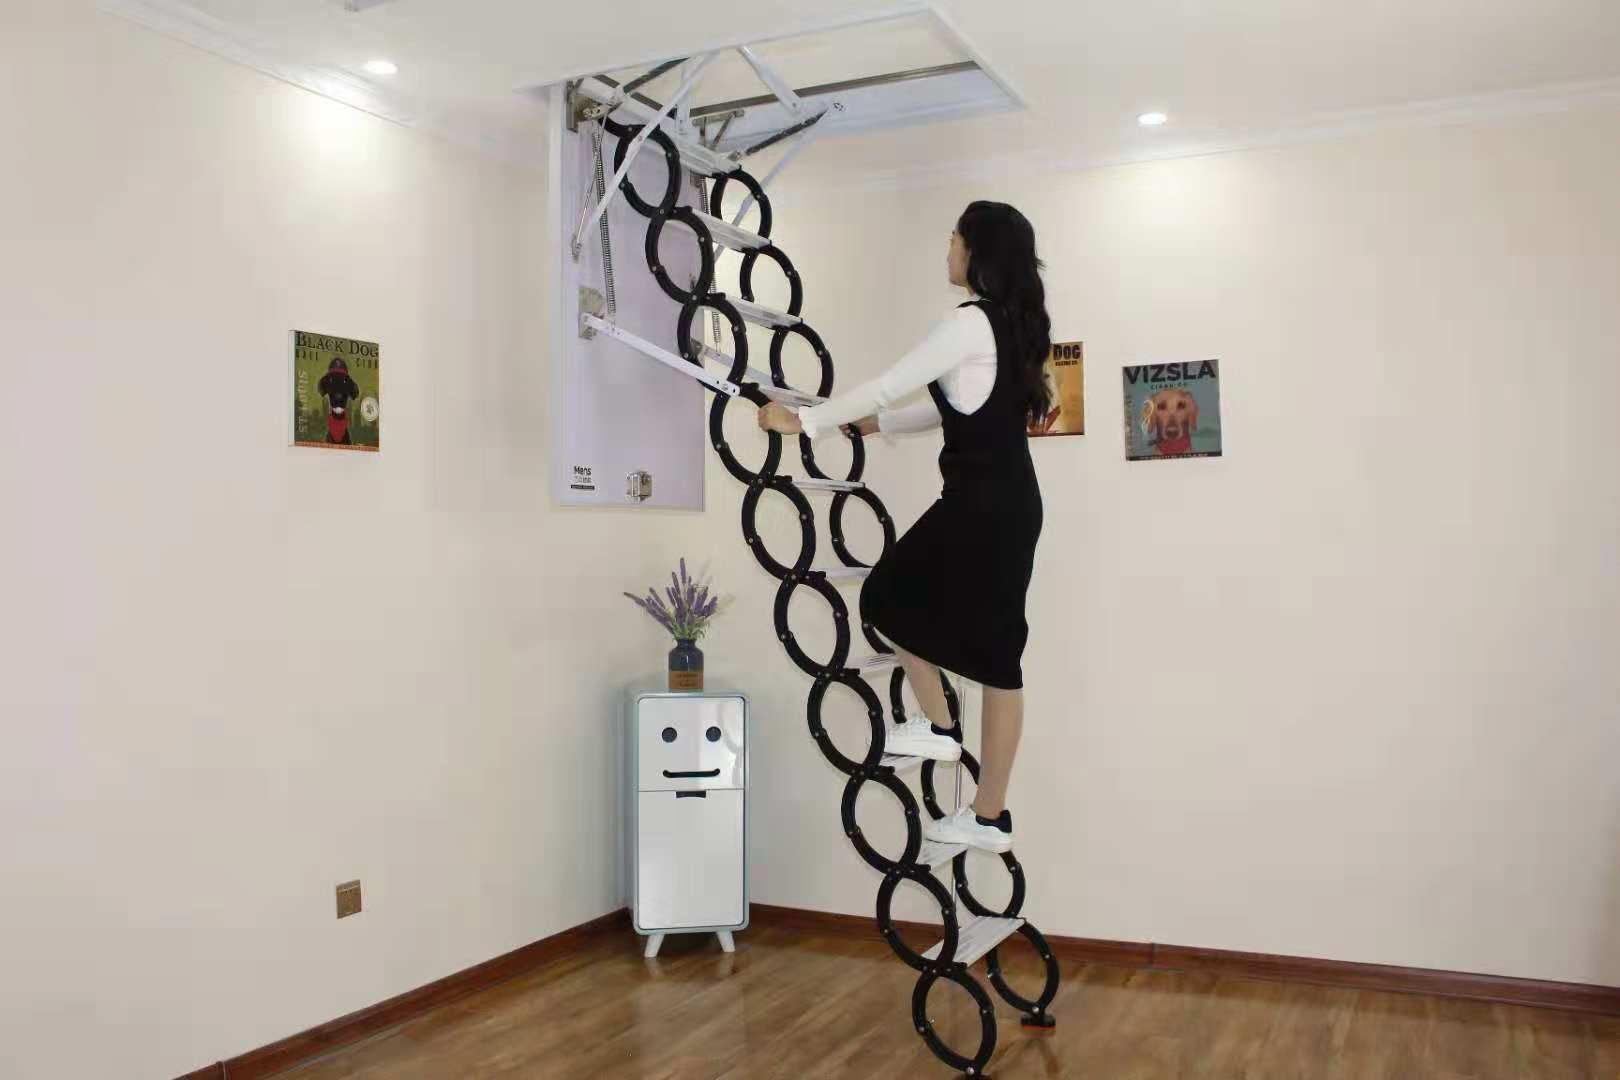 广州市室内电动楼梯口碑品牌美宜步